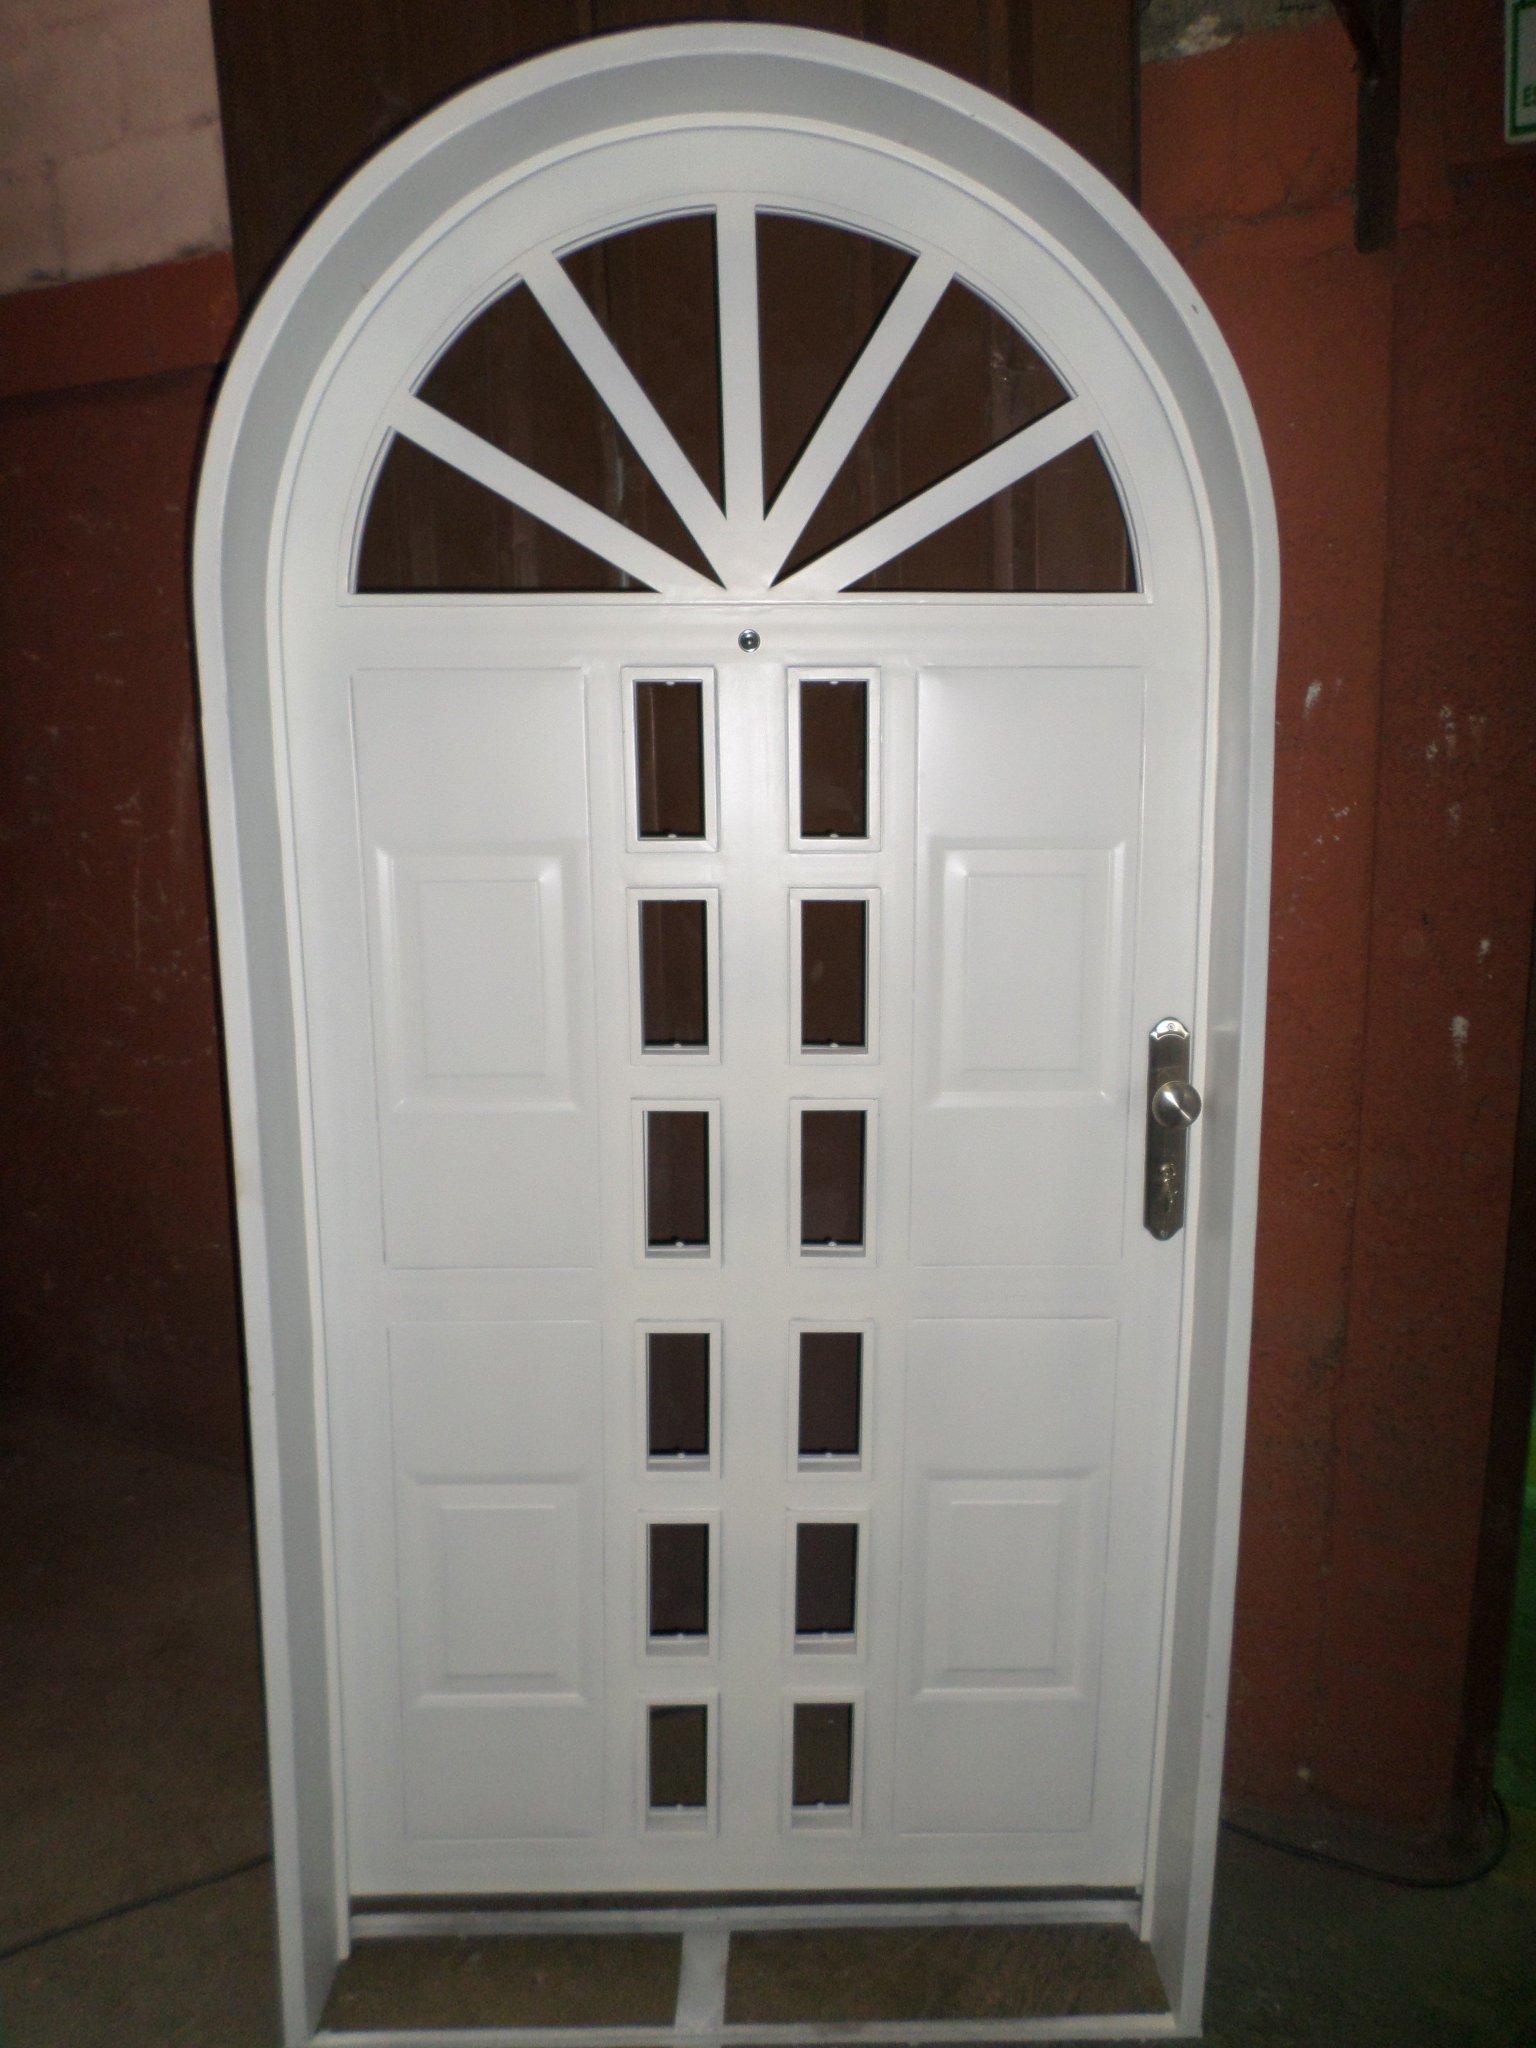 Arcos para puertas perfect planos de arco de escayola para salon en puertas d u aberturas with - Arcos decorativos para puertas ...